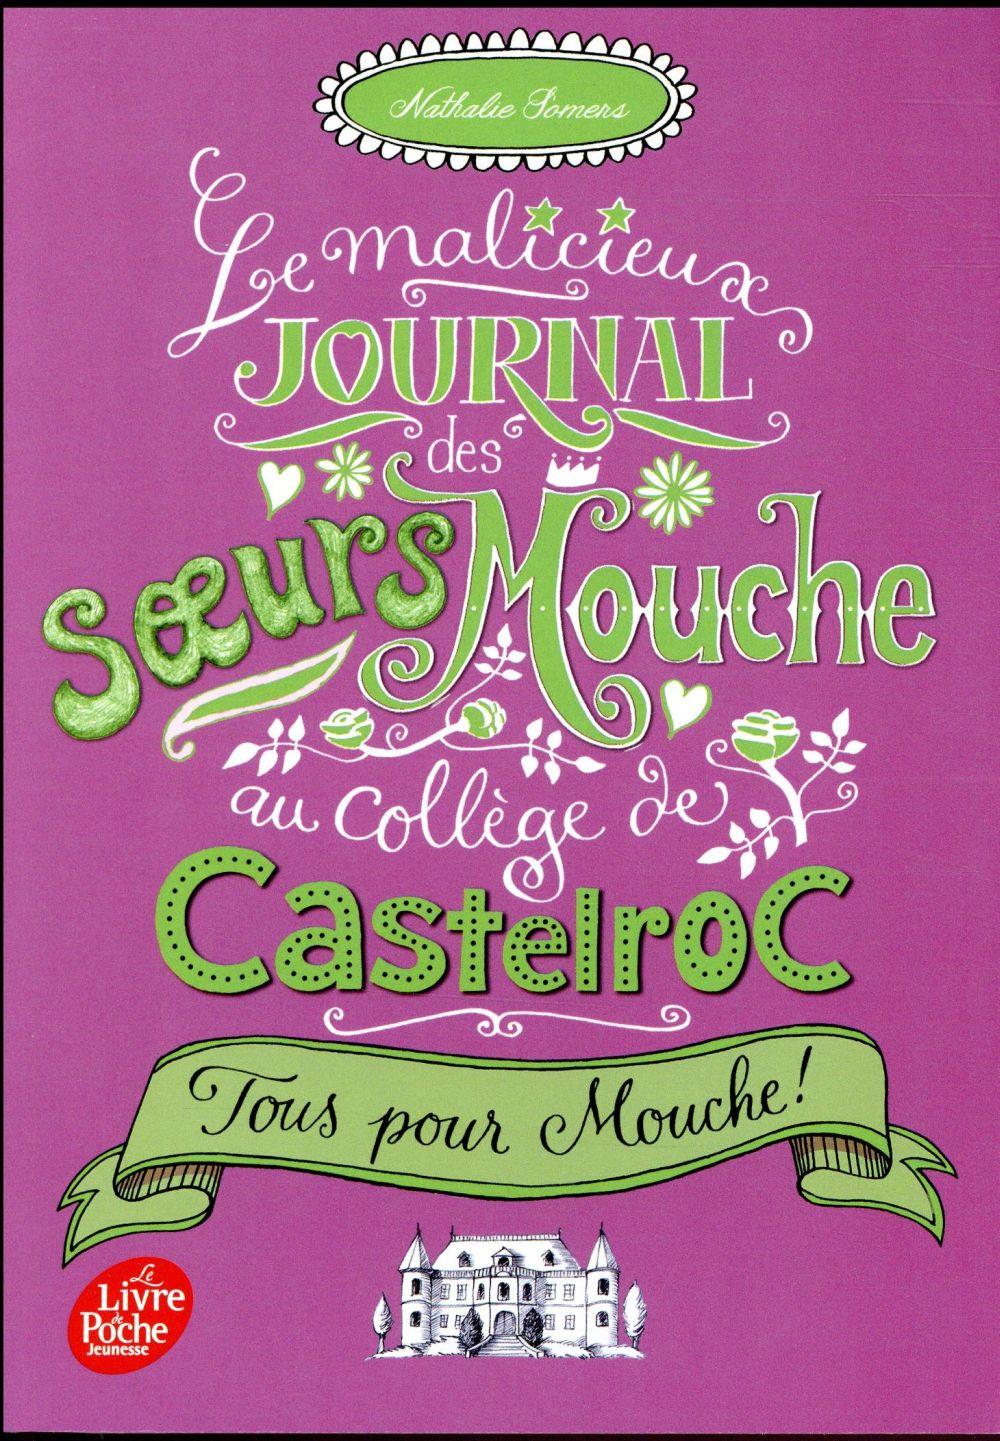 Le malicieux journal des soeurs Mouche au collège de Castelroc t.2